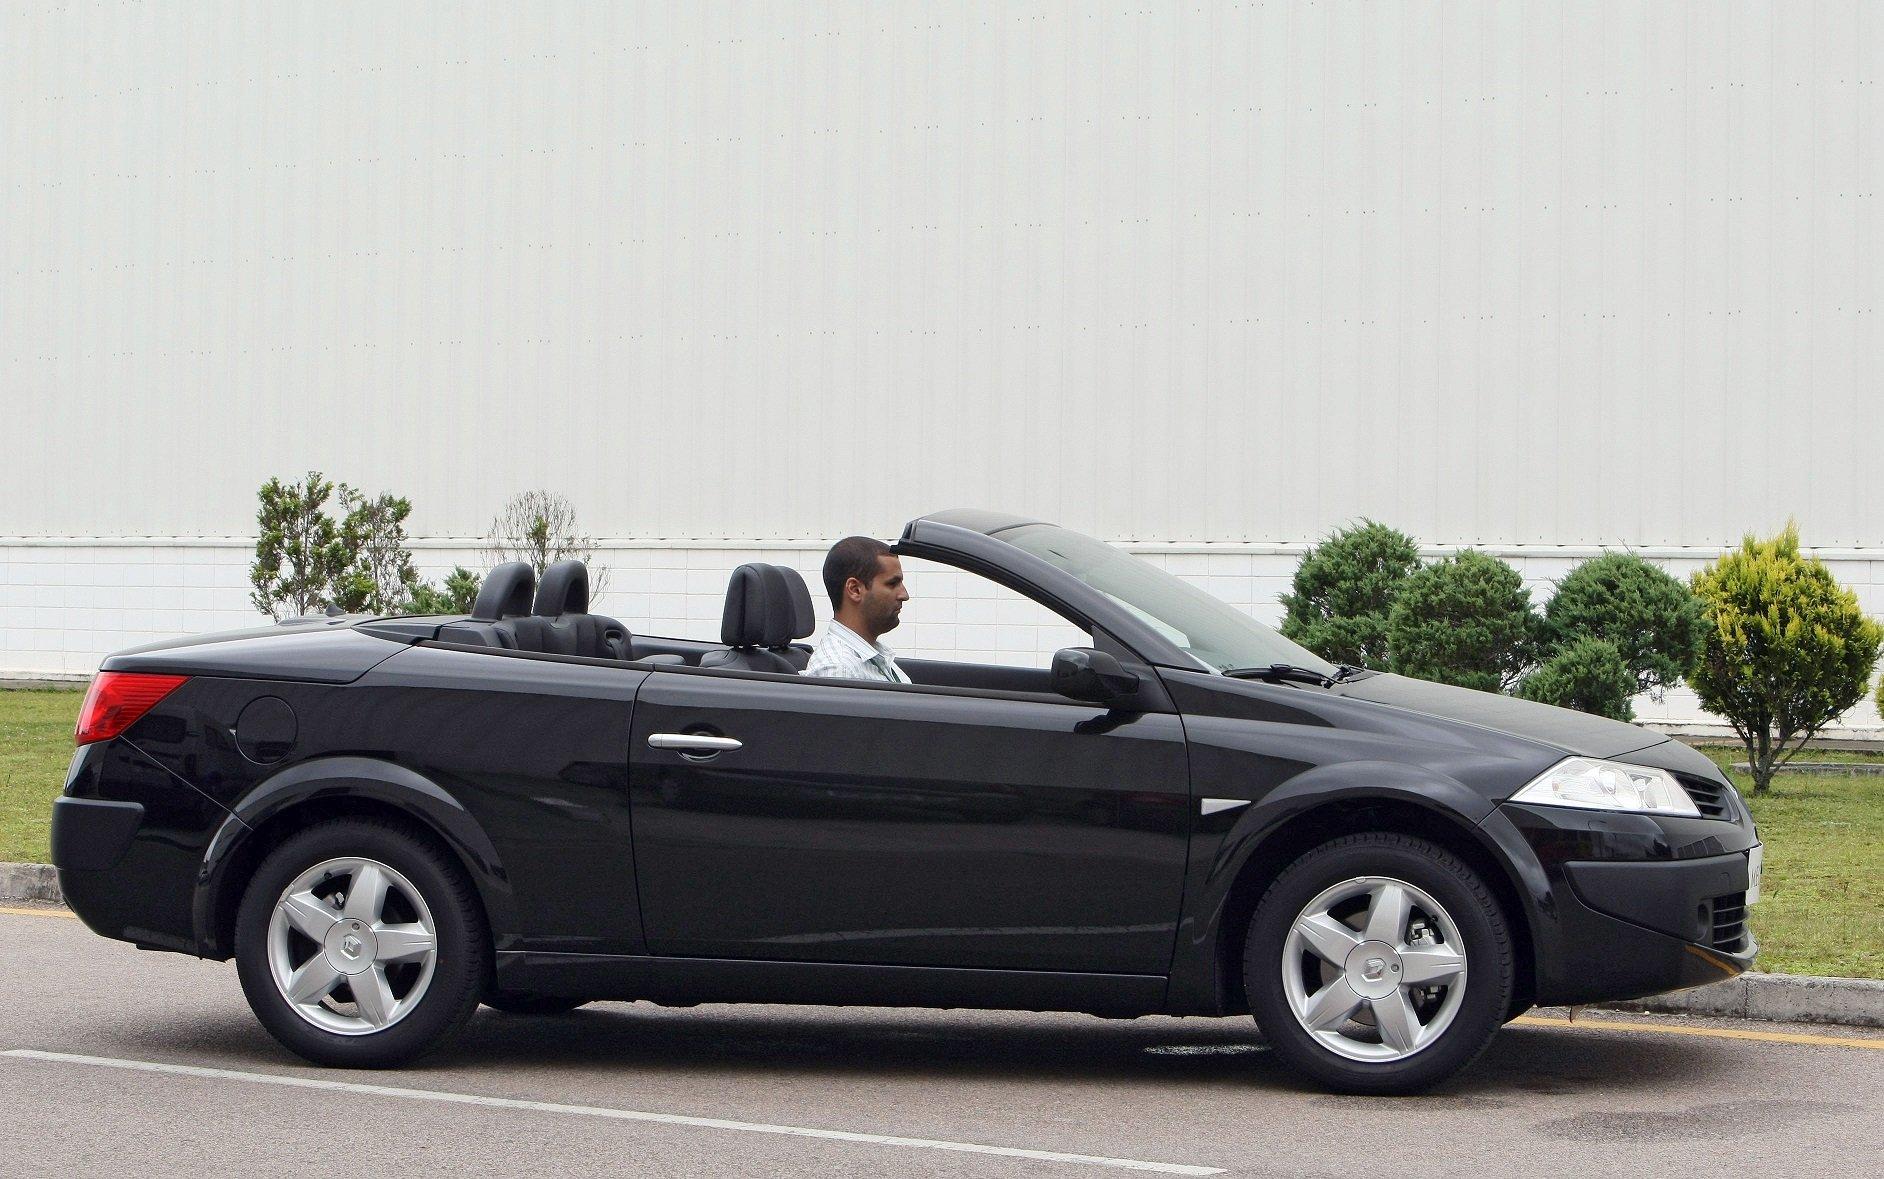 Renault Mégane Coupé Cabriolet é um dos carros conversíveis usados mais acessíveis do mercado